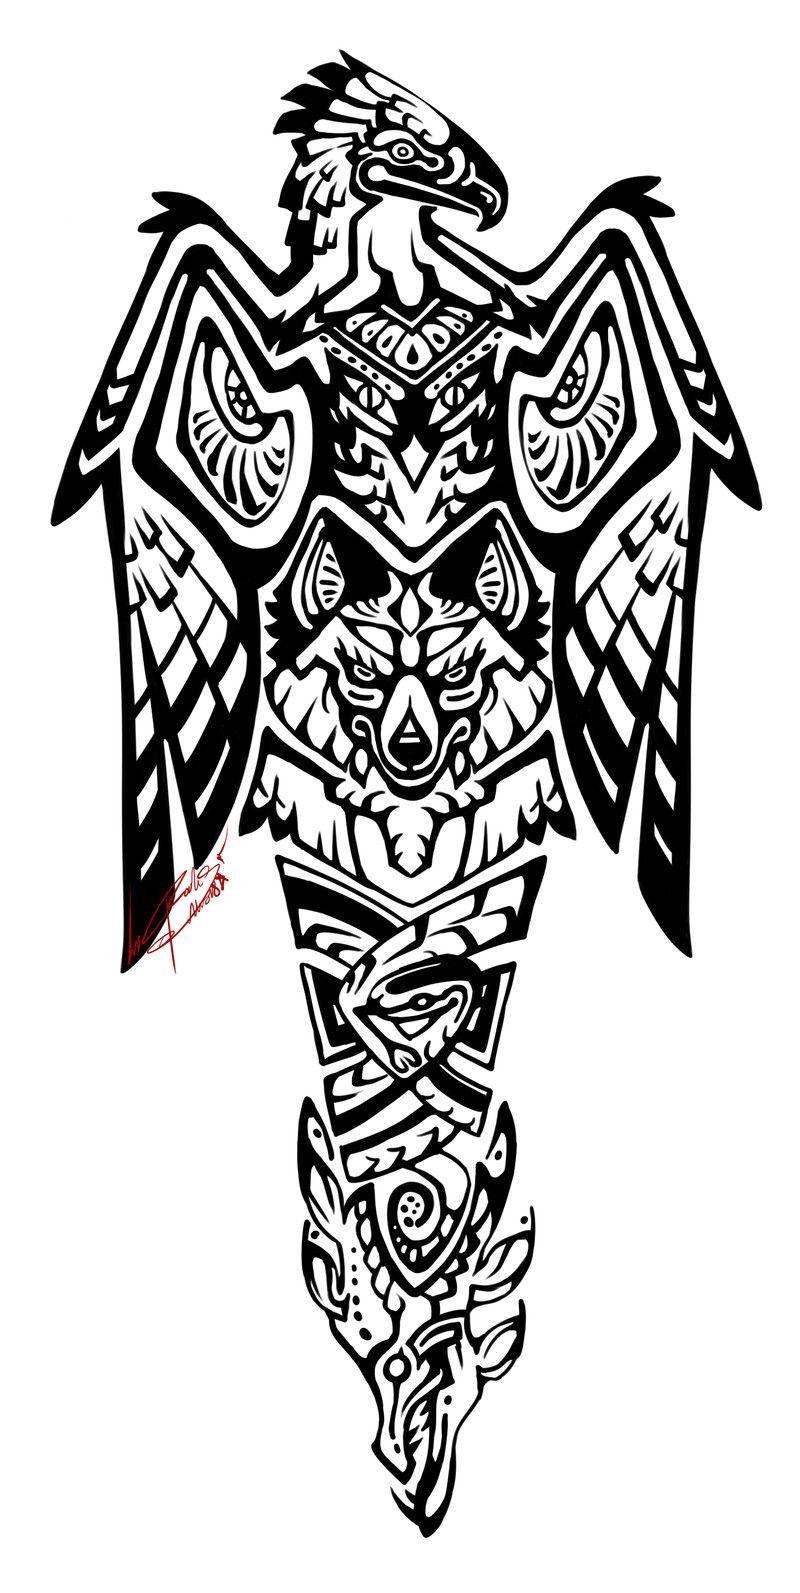 Artstation Totem Pole Tattoo Rookshock Moore In 2020 Totem Pole Tattoo Totem Tattoo Maori Tattoo Designs